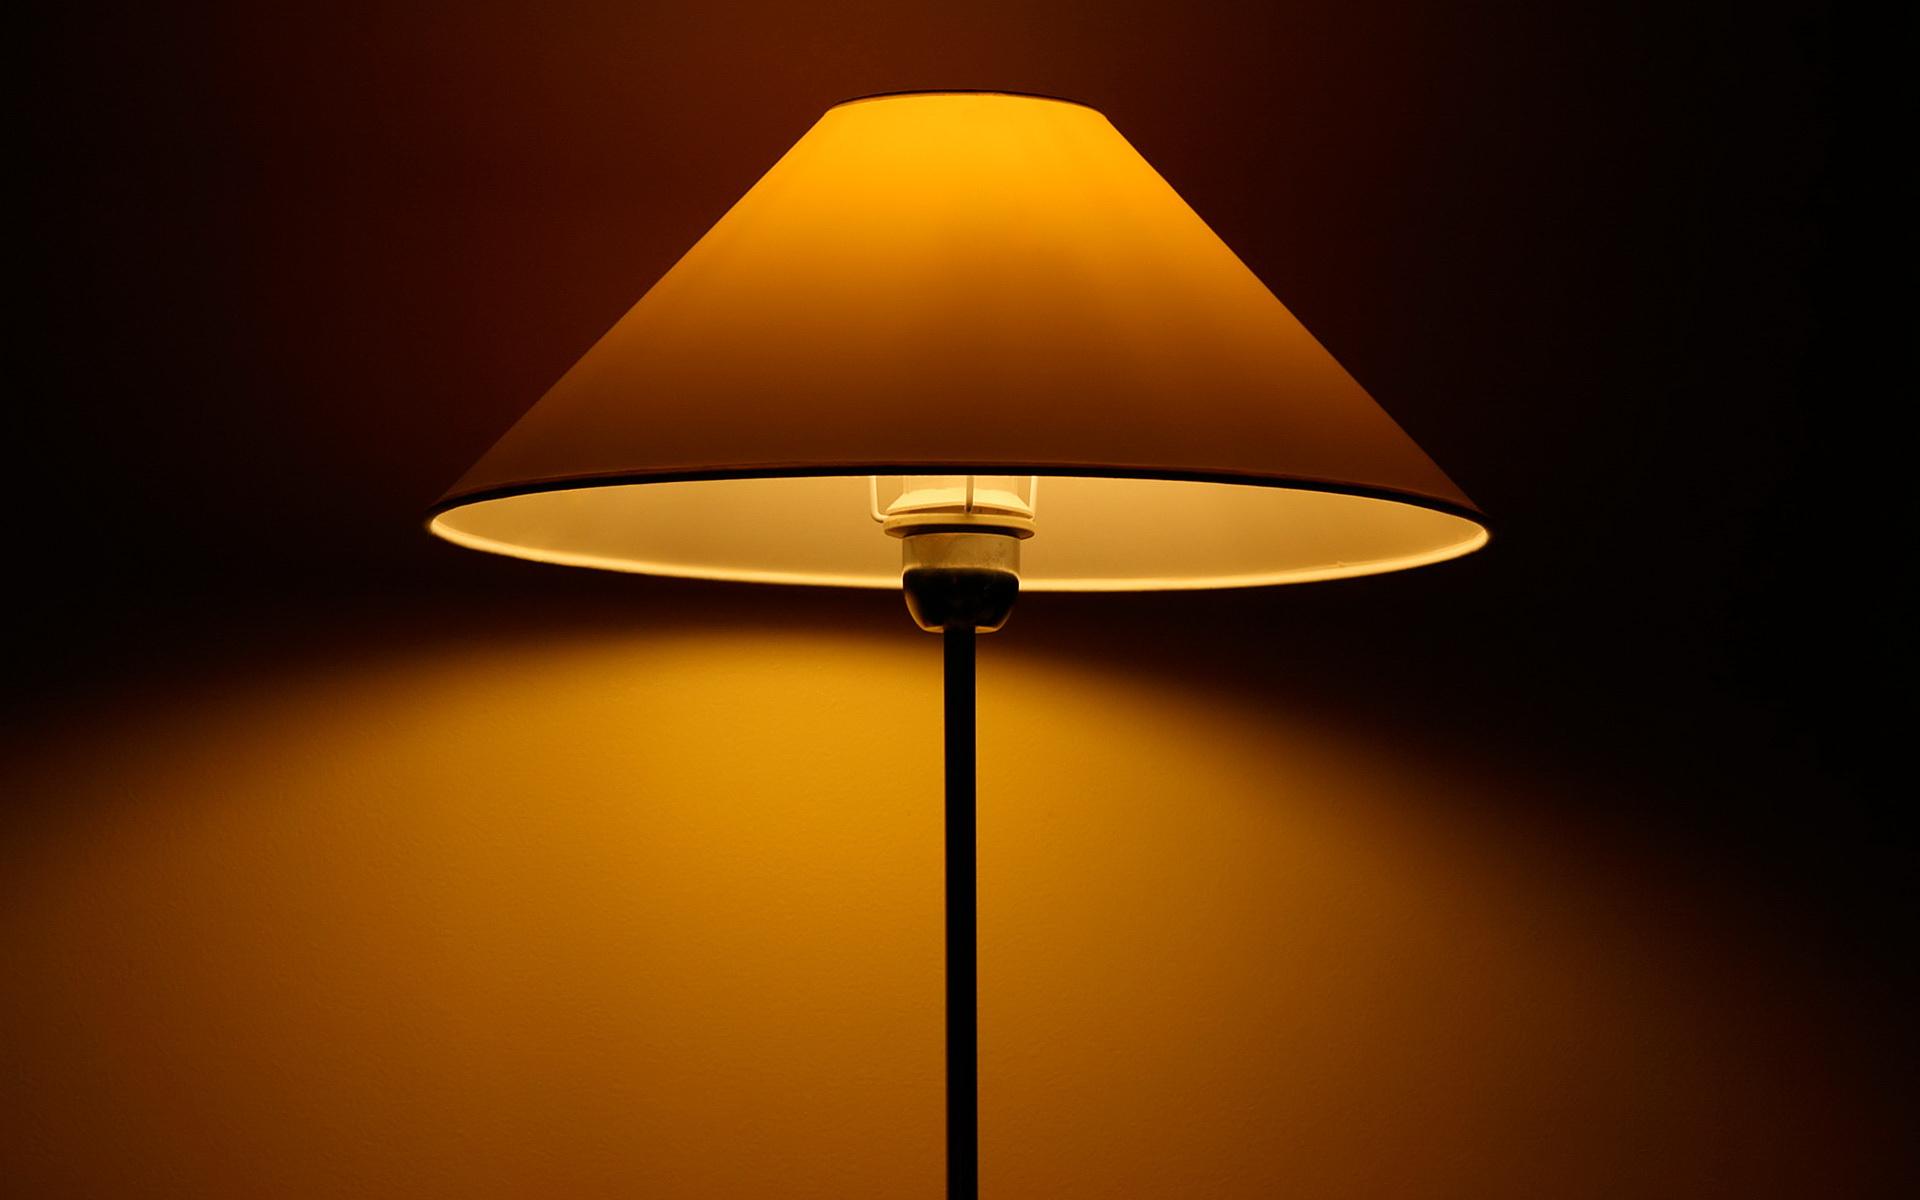 Lamp Desktop Wallpaper 53967 1920x1200 px ~ HDWallSource.com